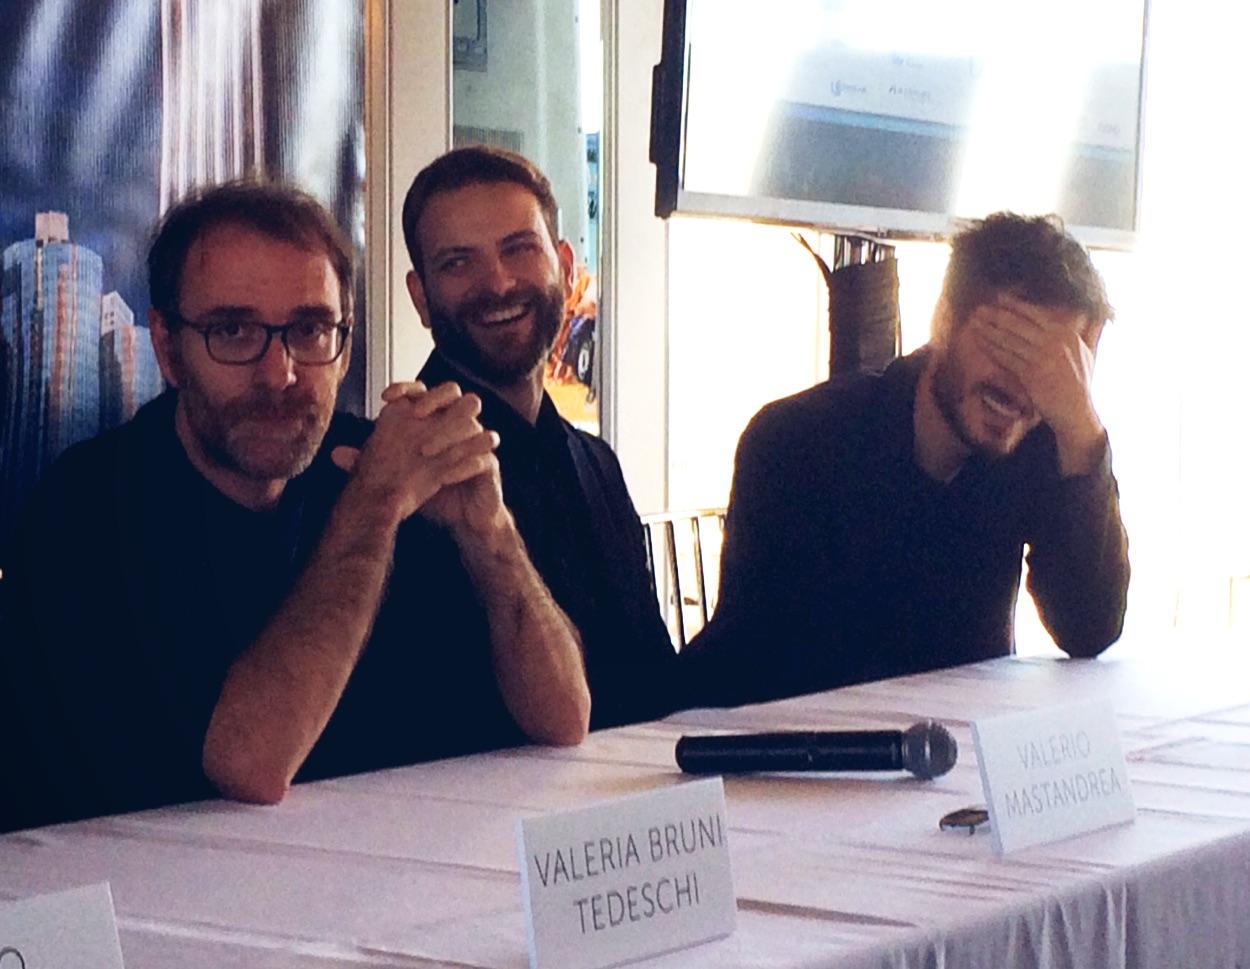 Valerio Mastandrea, Alessandro Borghi, and Luca Marinelli in LA for the premiere.